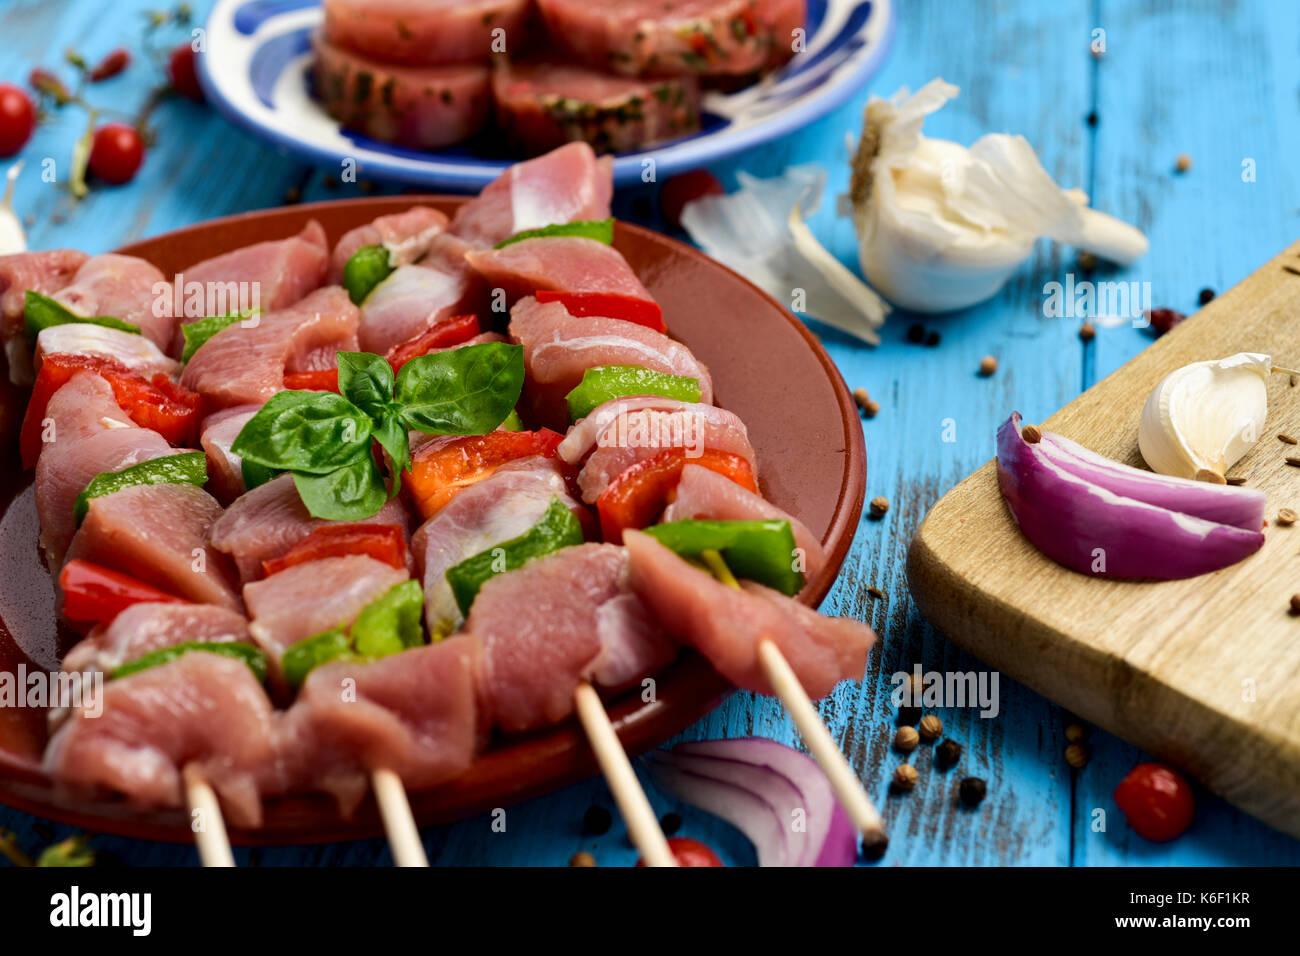 Libre de certaines matières turquie brochettes de viande mélangé avec des légumes dans une assiette en faïence, posé sur une table en bois rustique bleu Photo Stock